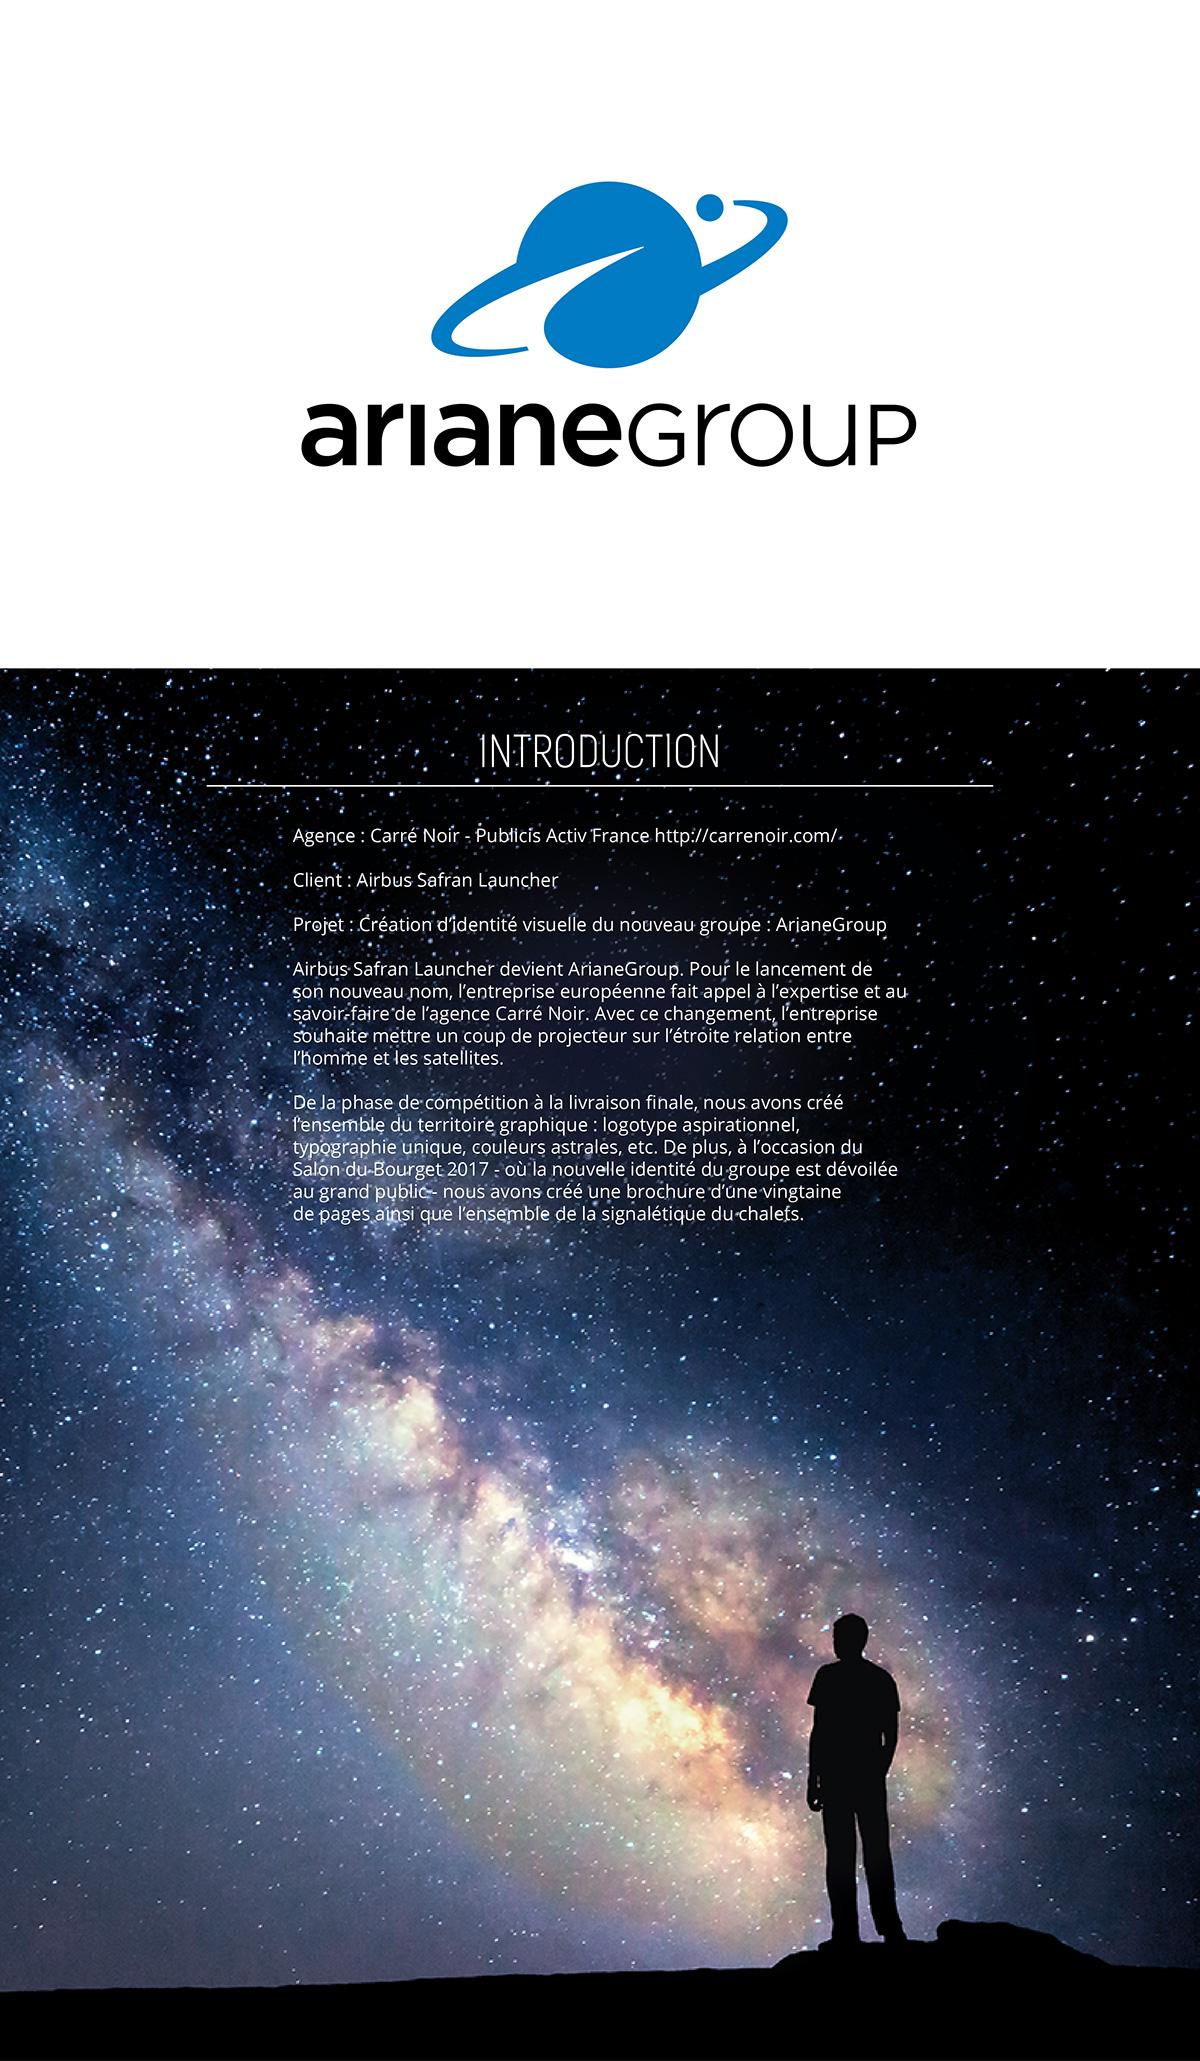 ArianeGroup Identité Visuelle Carré Noir on Behance